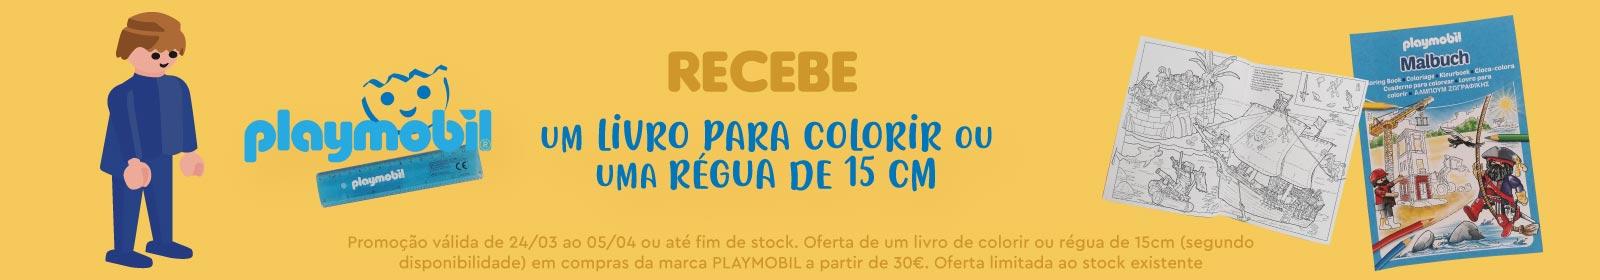 Promoção Playmobil